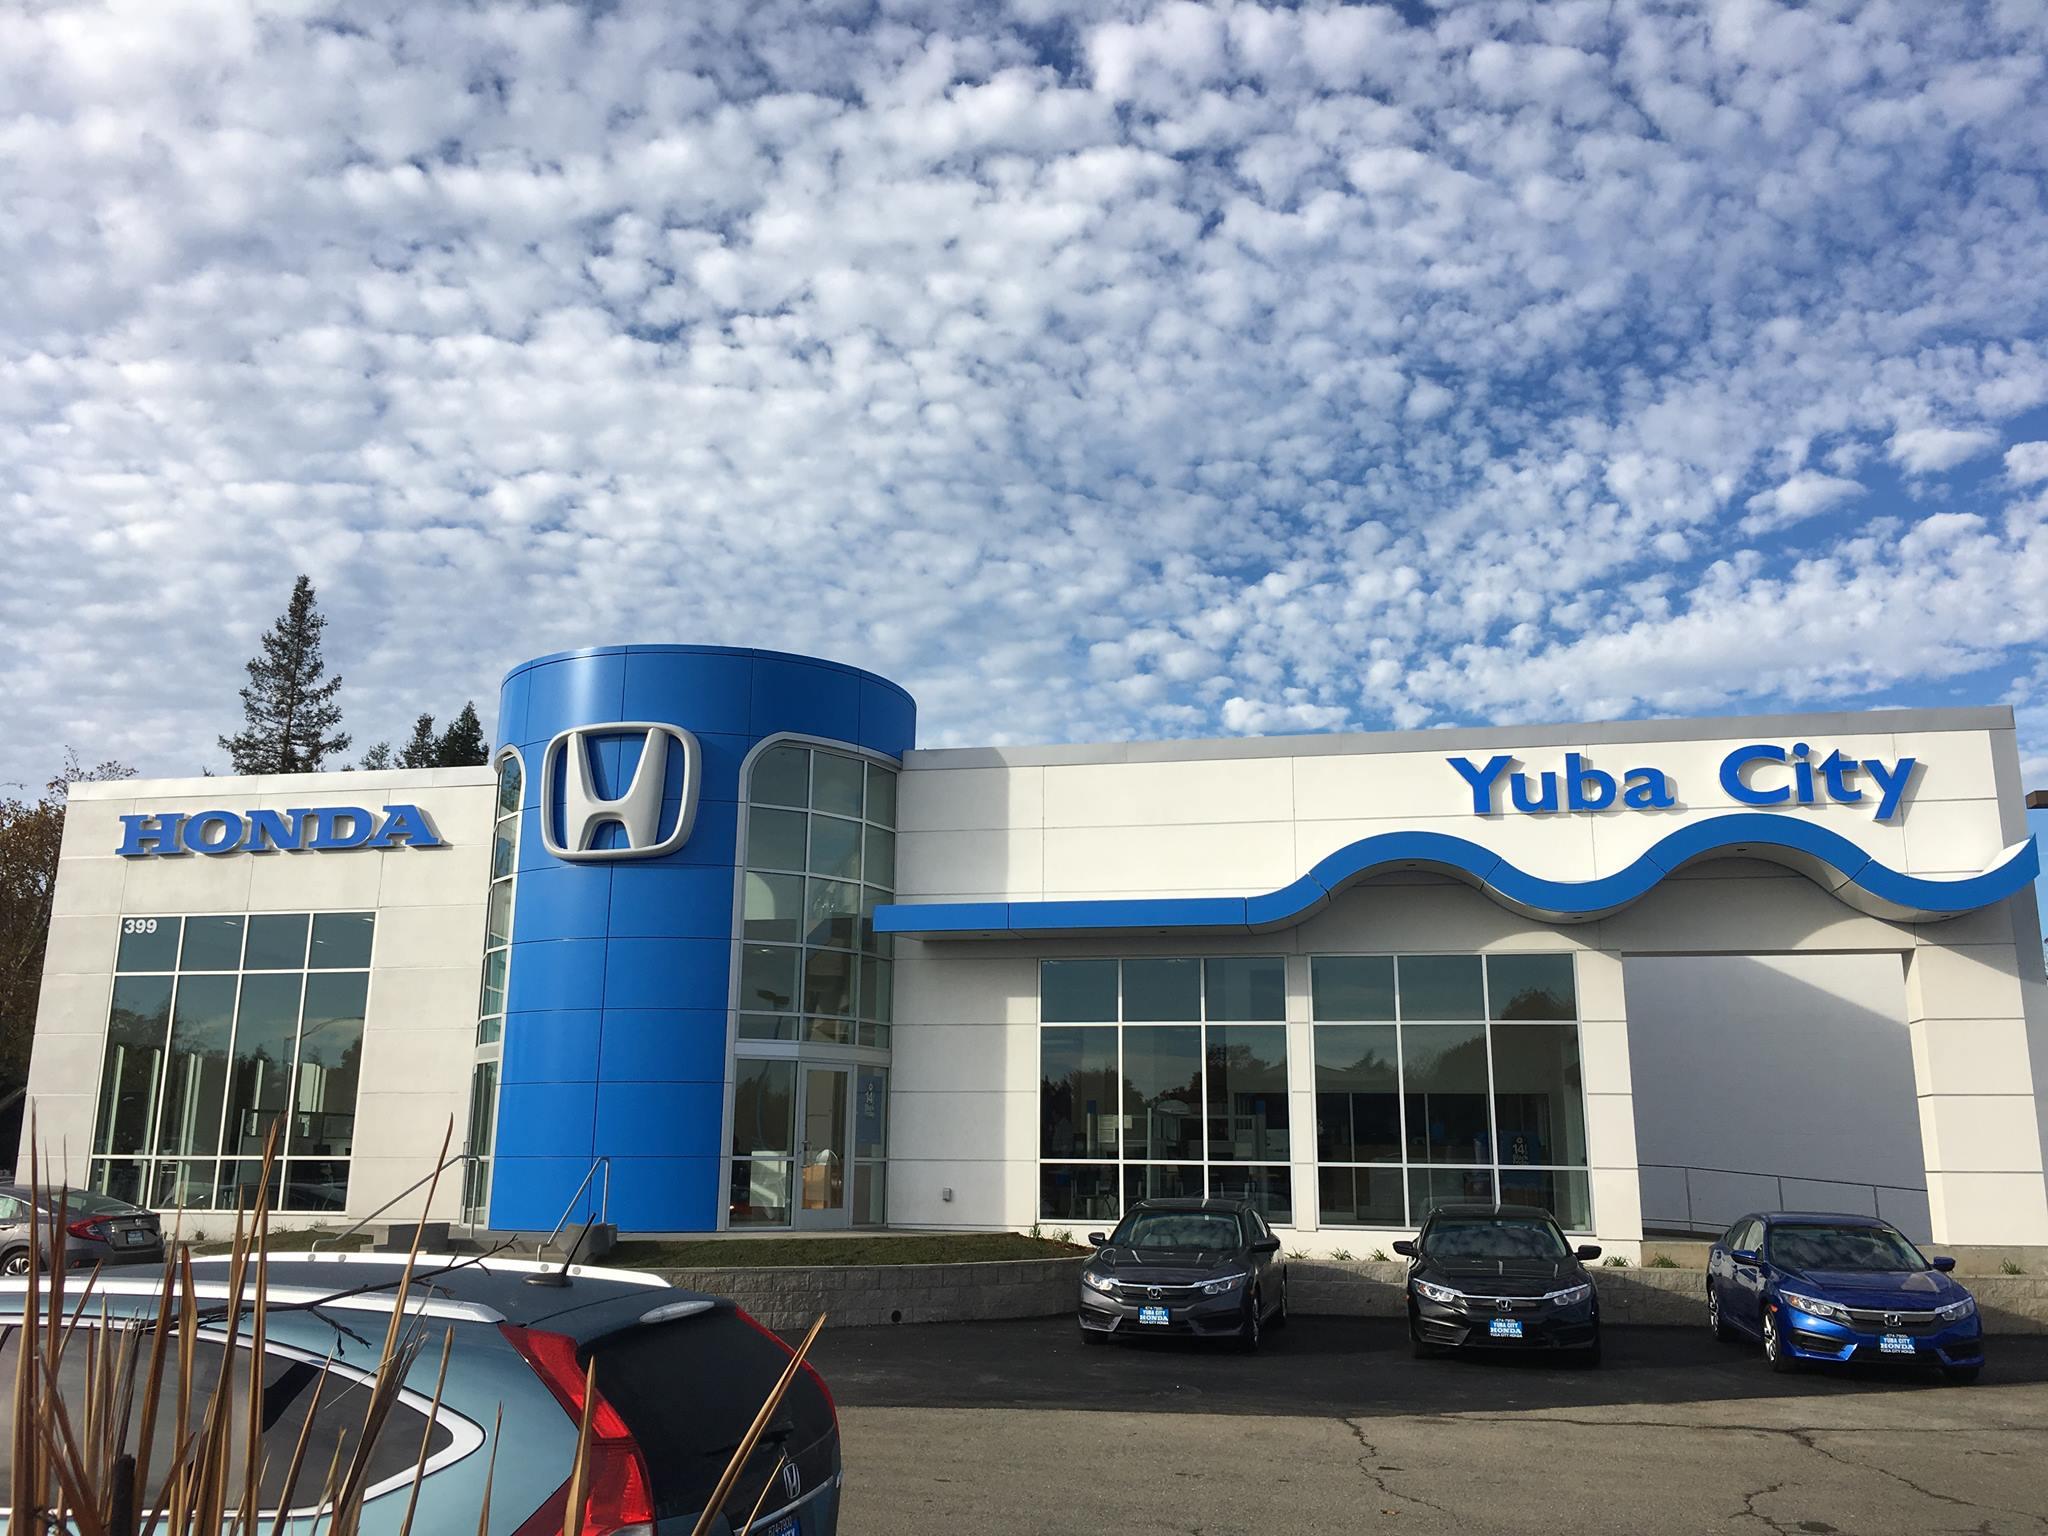 Yuba City Honda Dealership